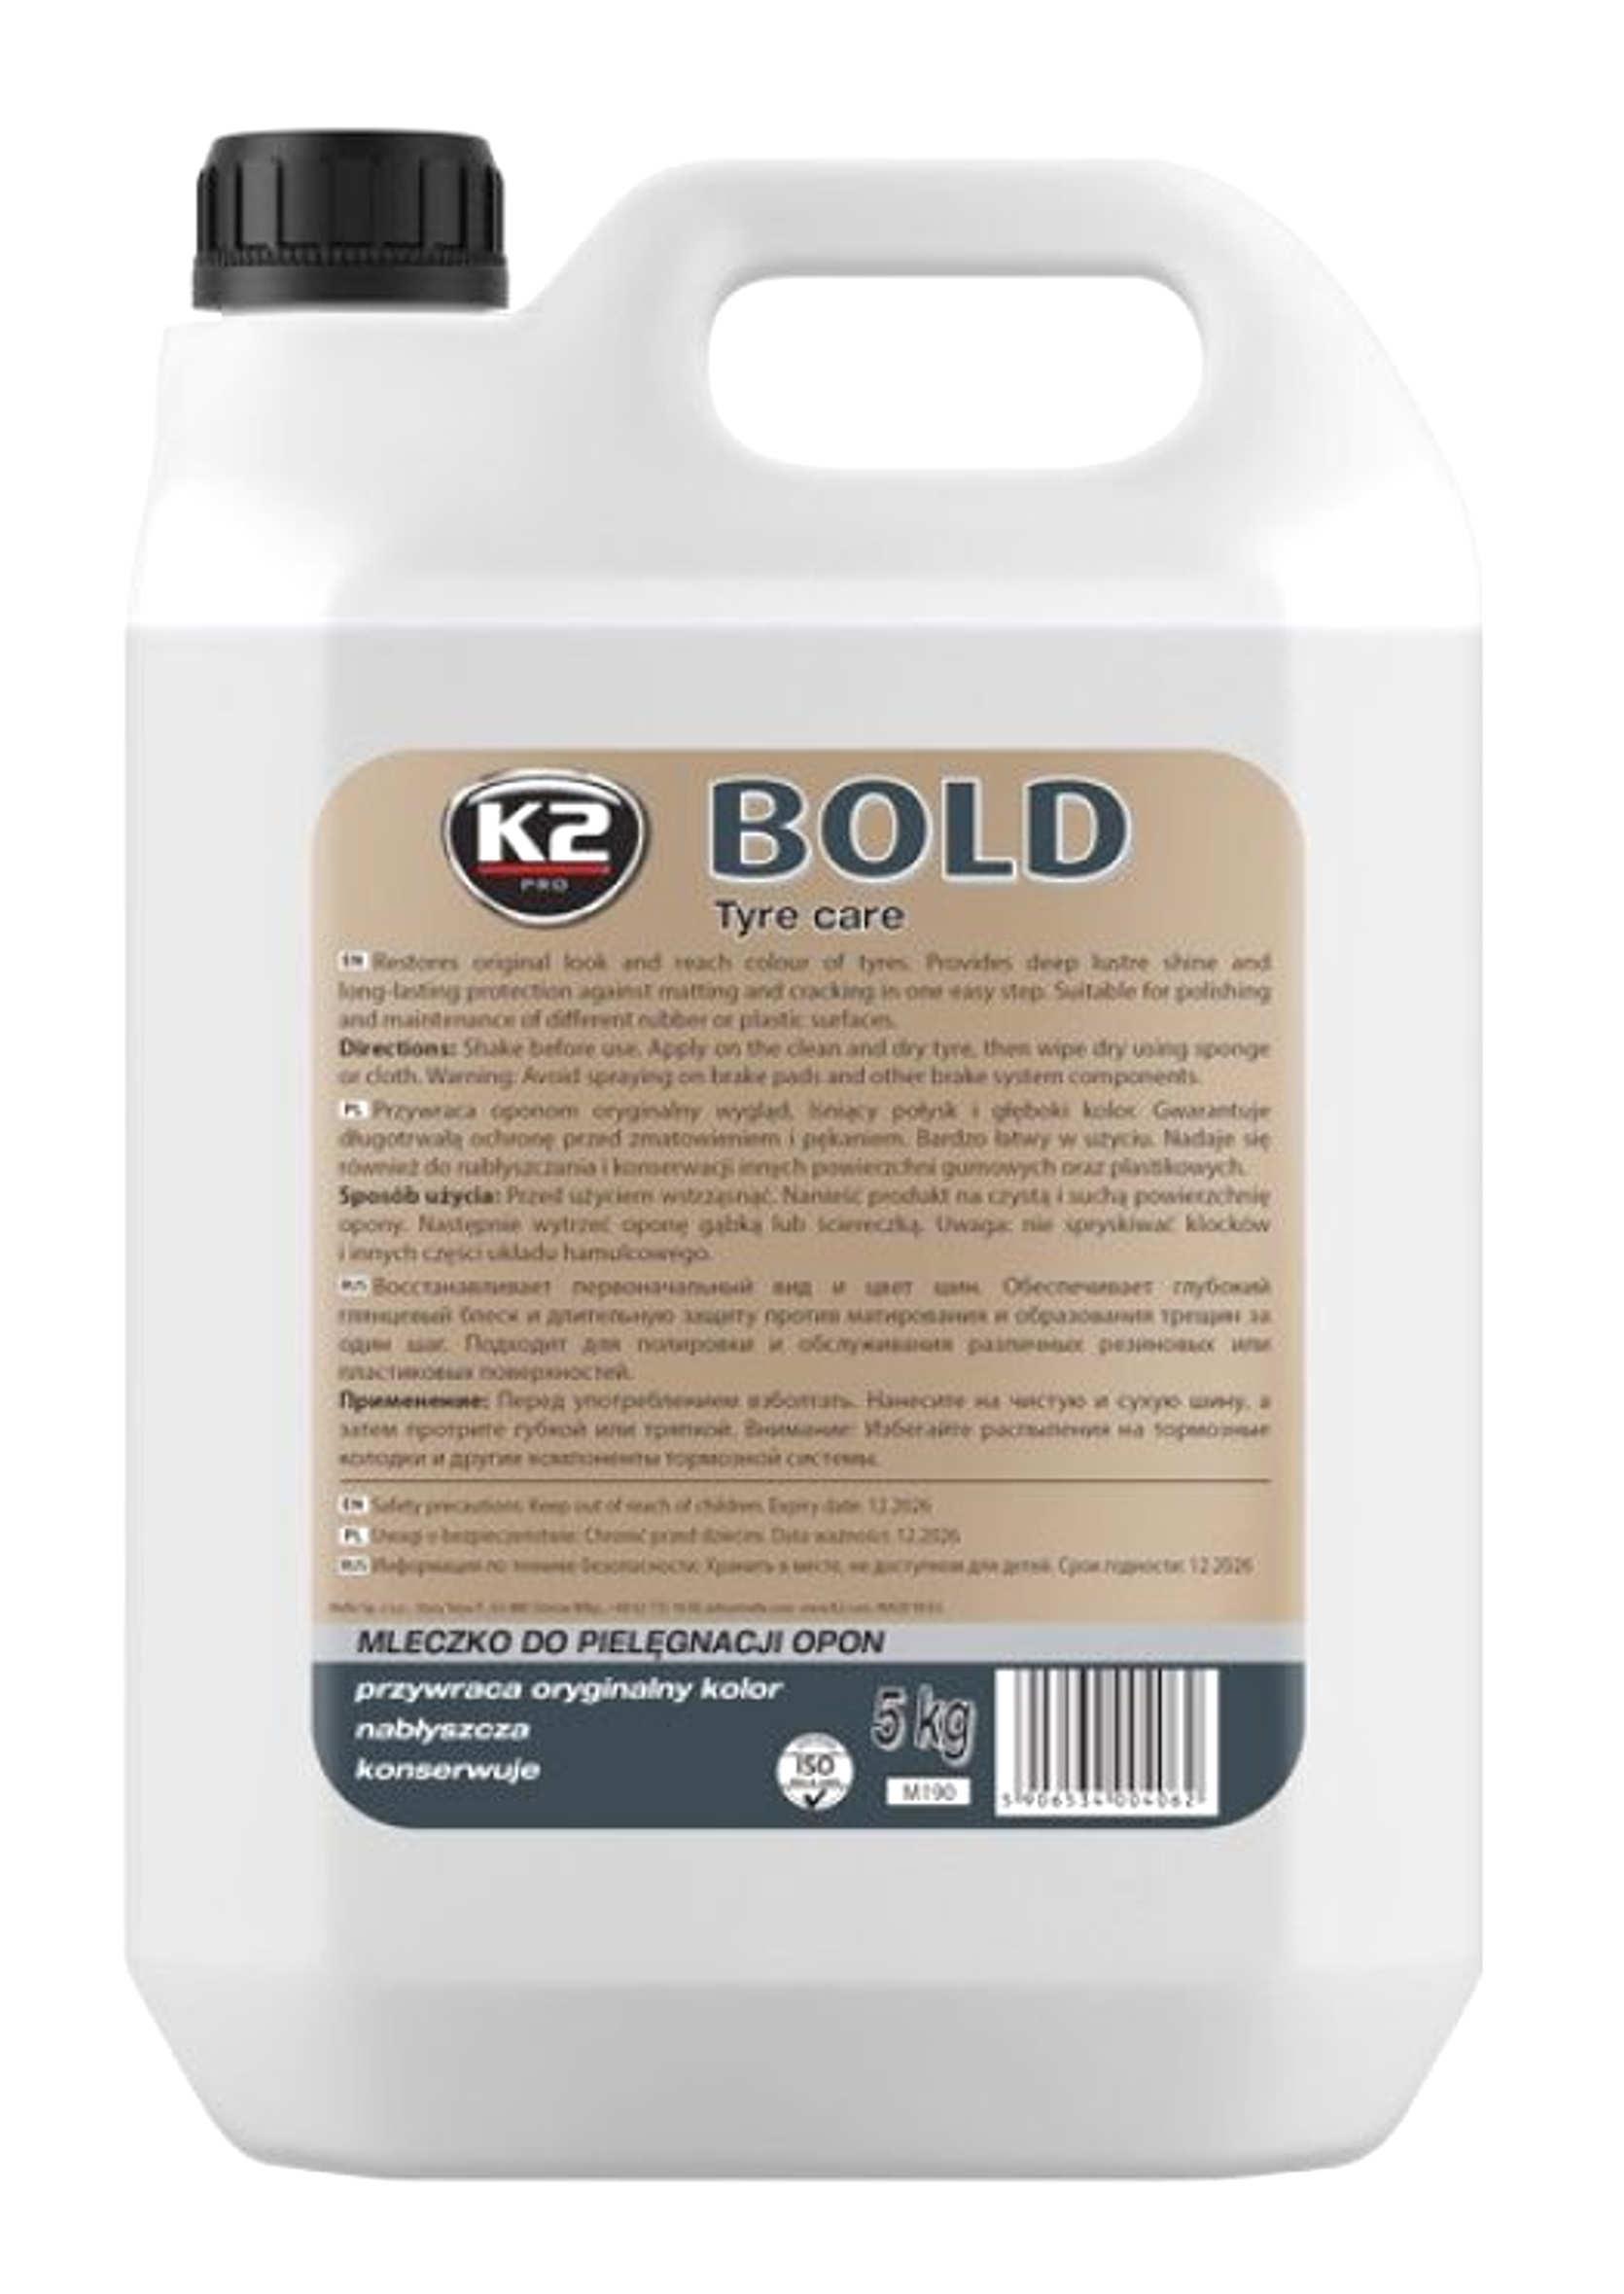 K2 Bold 5L Preparat do pielęgnacji i nabłyszczania opon